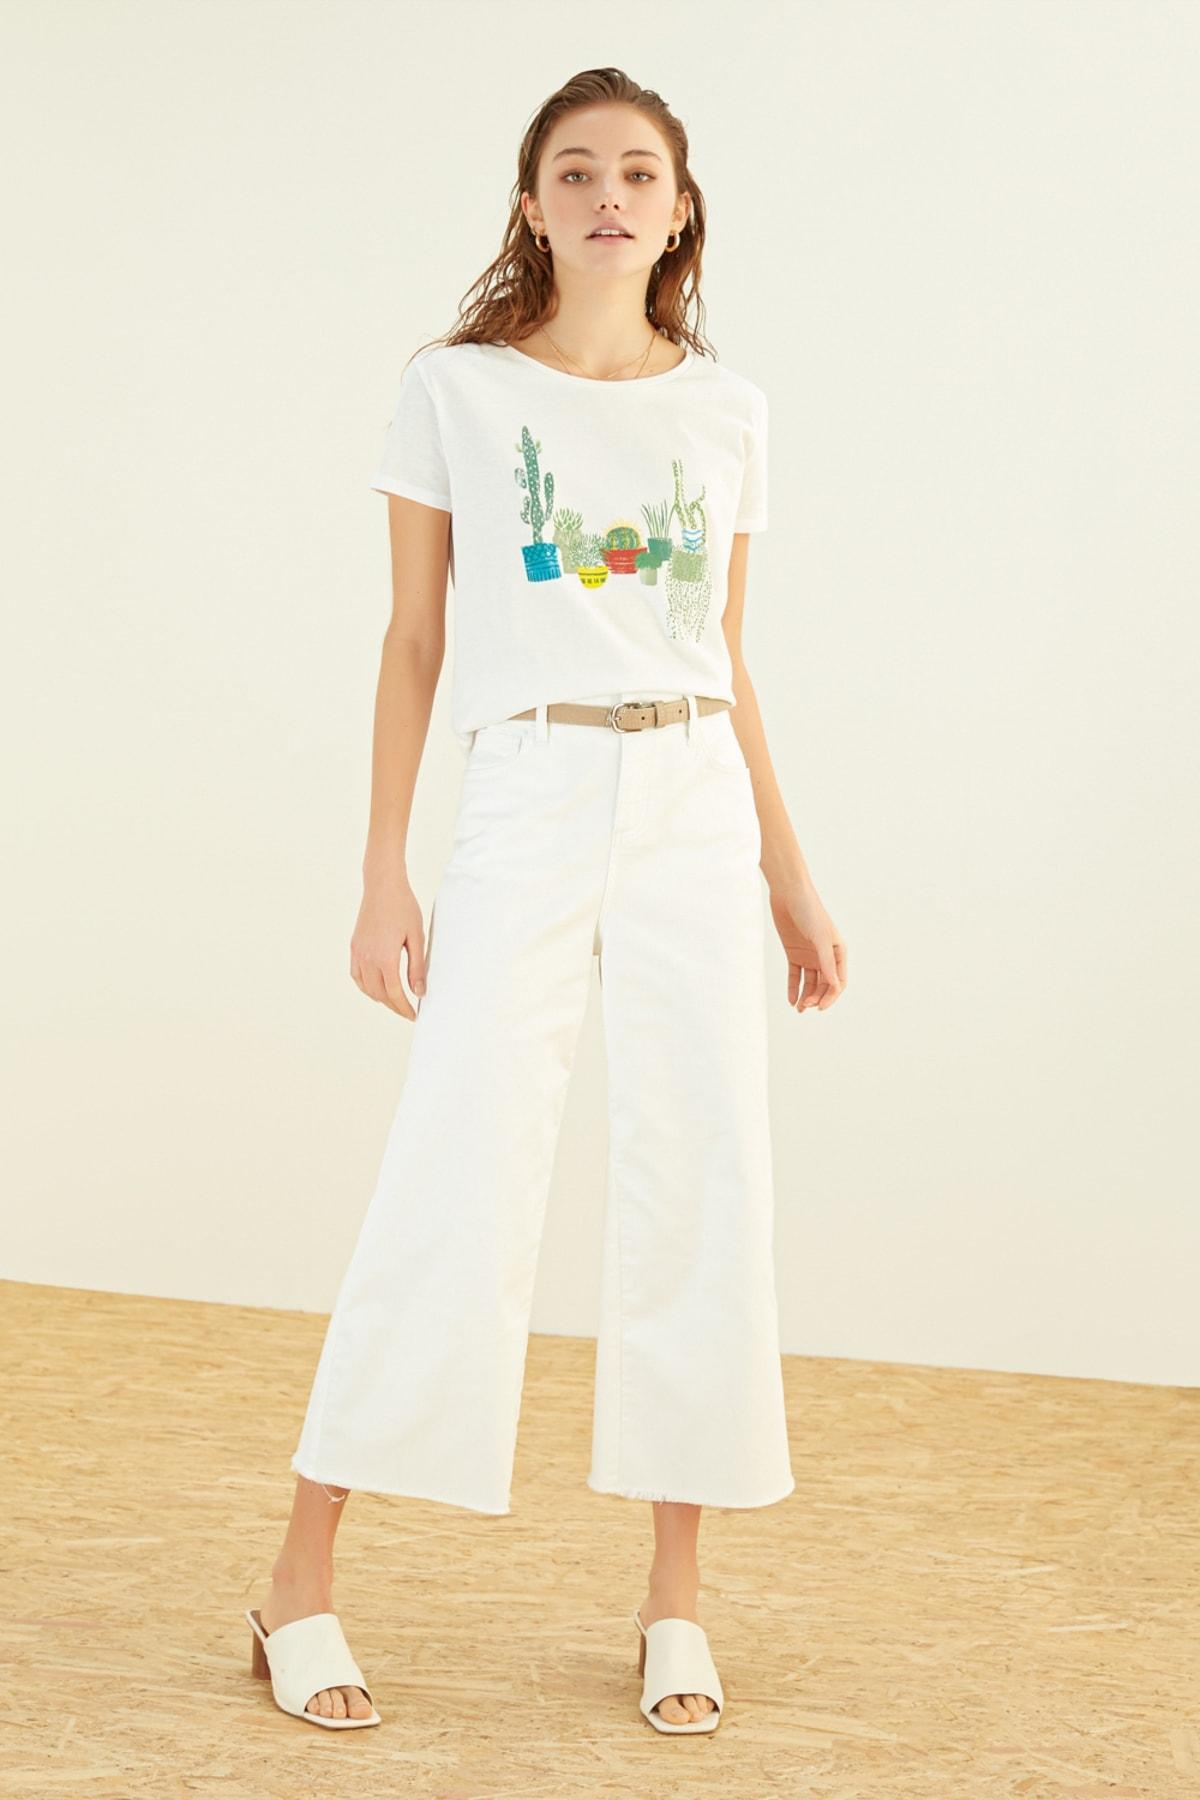 Mudo Kadın Beyaz T-Shirt 384690 1